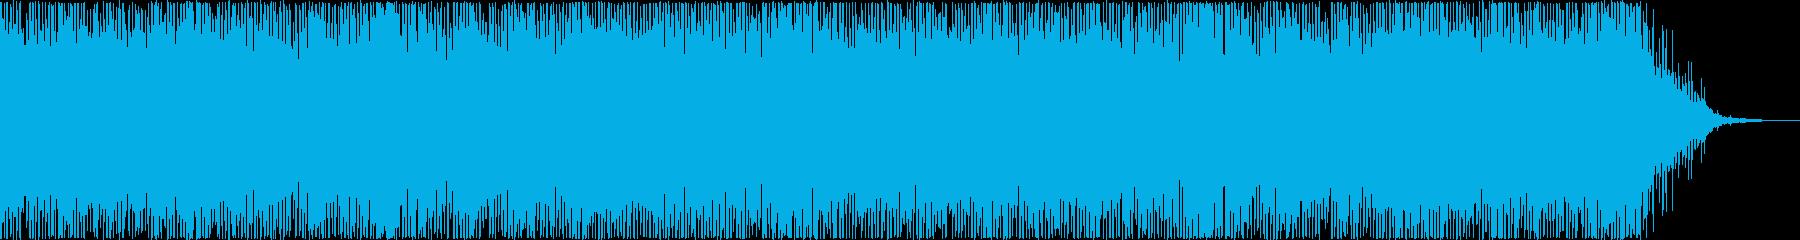 疾走感のあるエレキとシンセのBGMの再生済みの波形